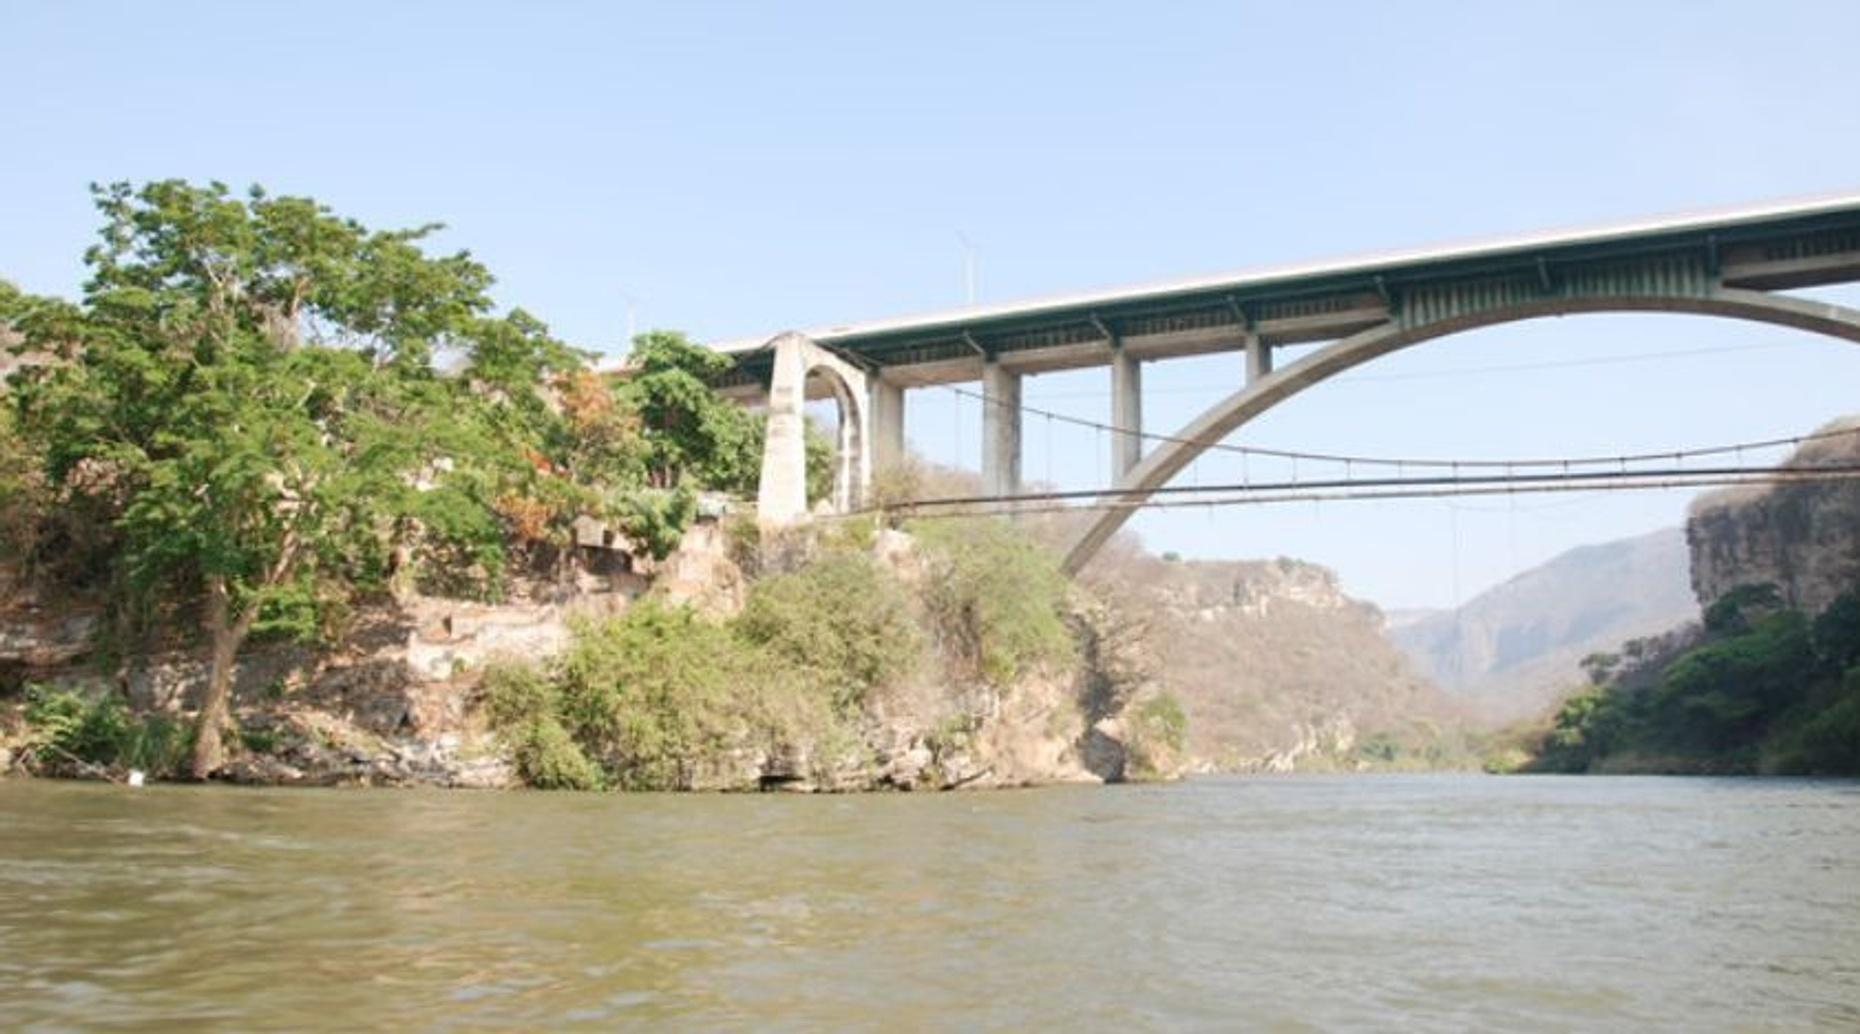 Guided Tour of the Cañon del Sumidero Chiapa de Corzo